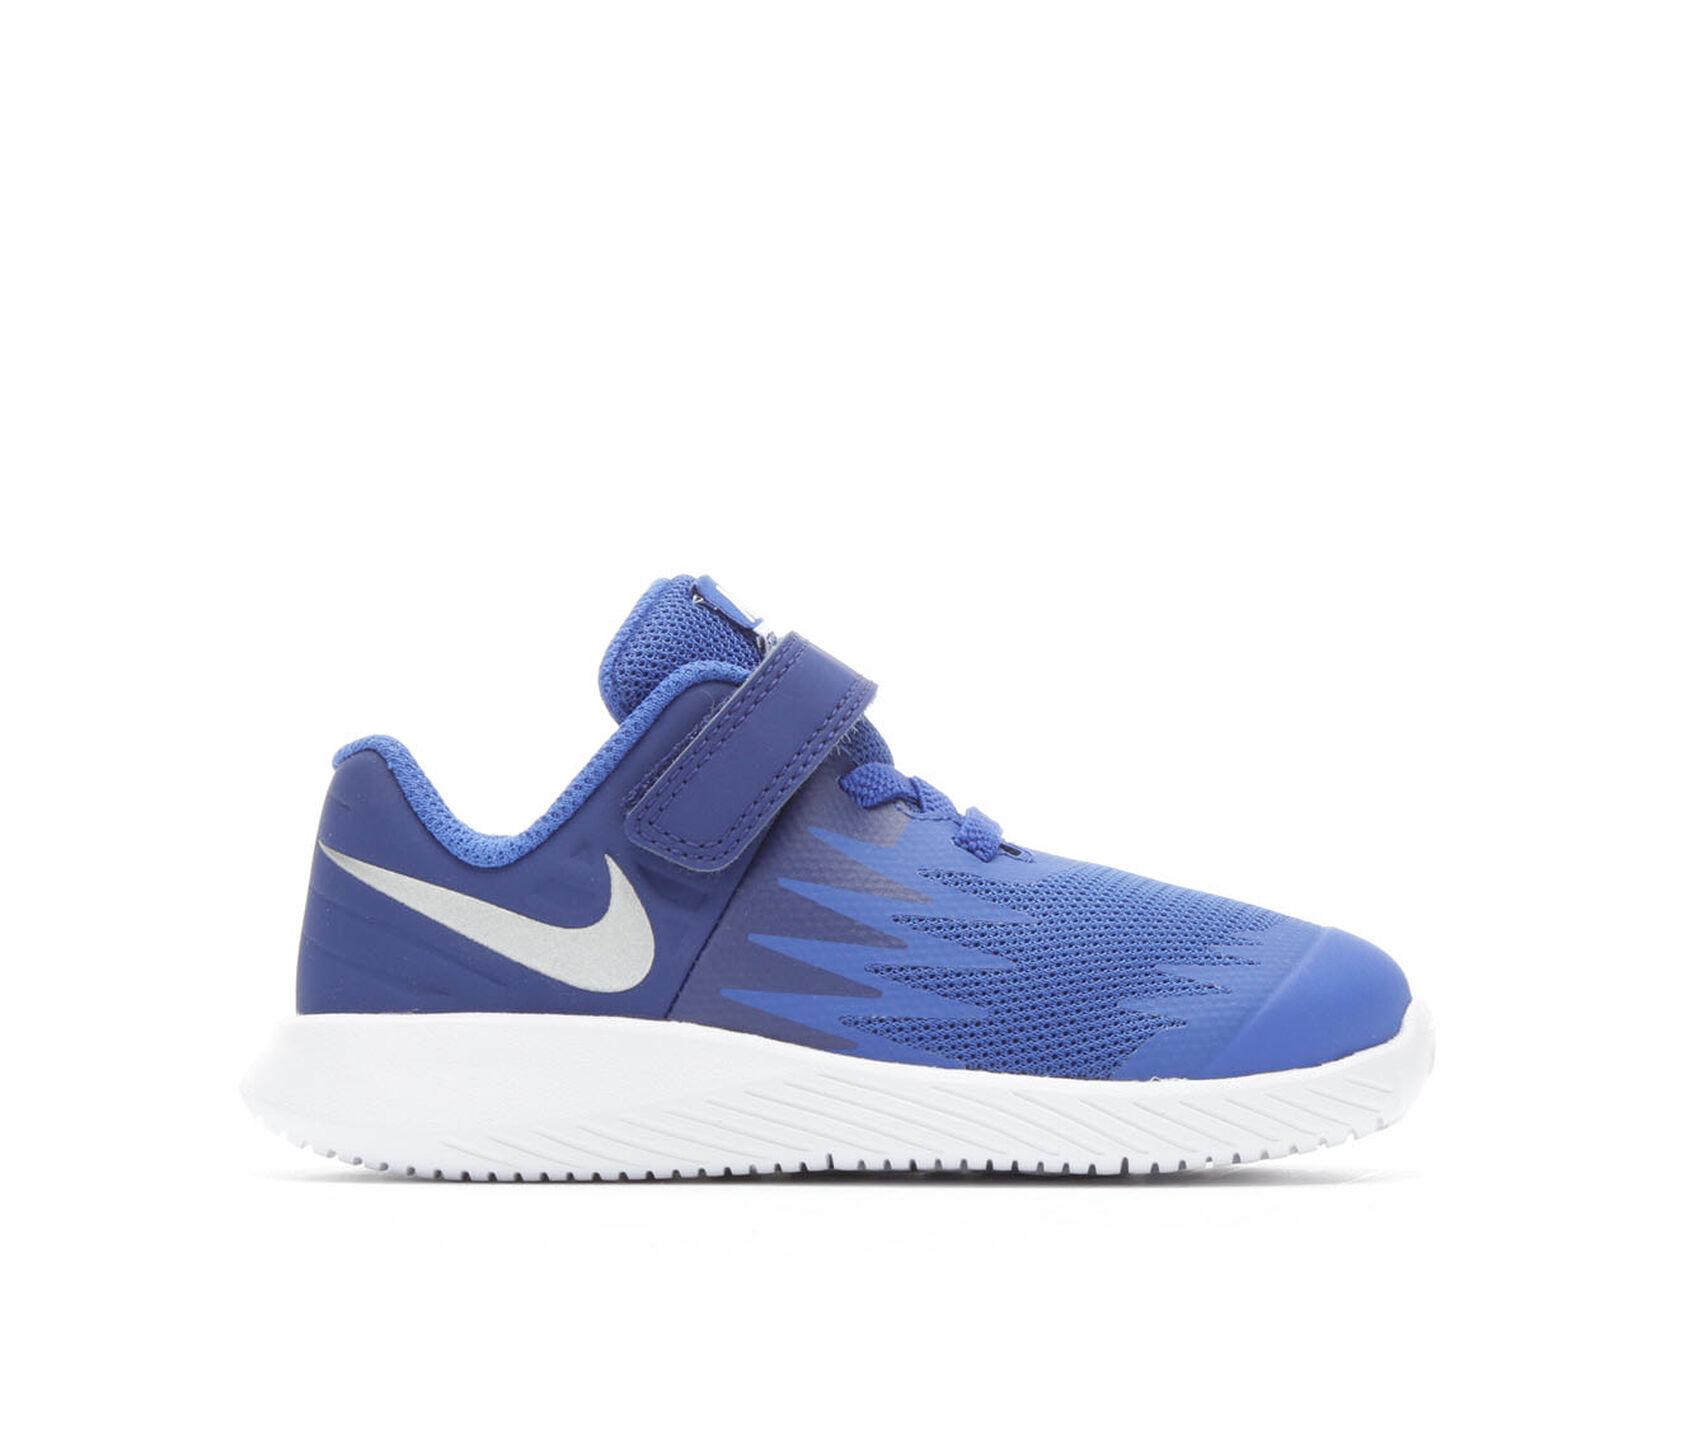 Boys Nike Infant Star Runner Boys Athletic Shoes